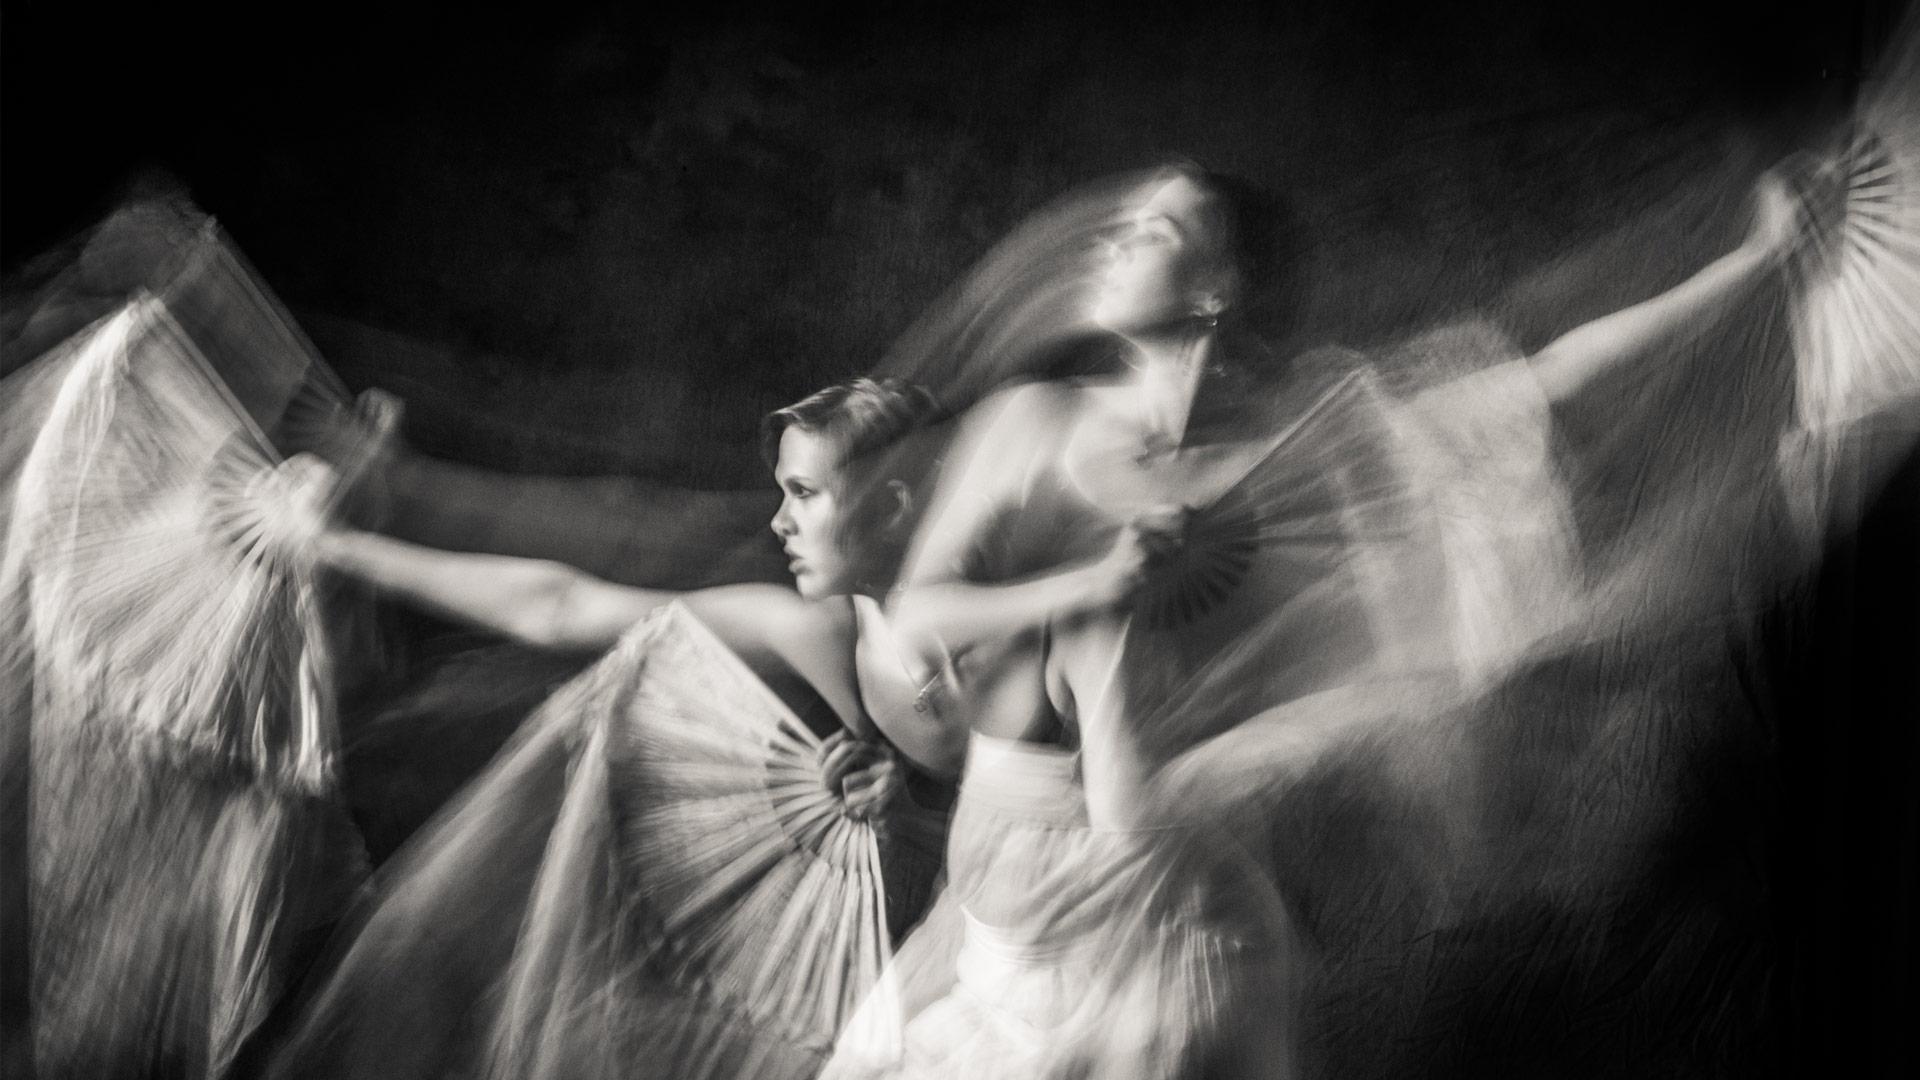 Photoshoot with Michael Gildersleeve